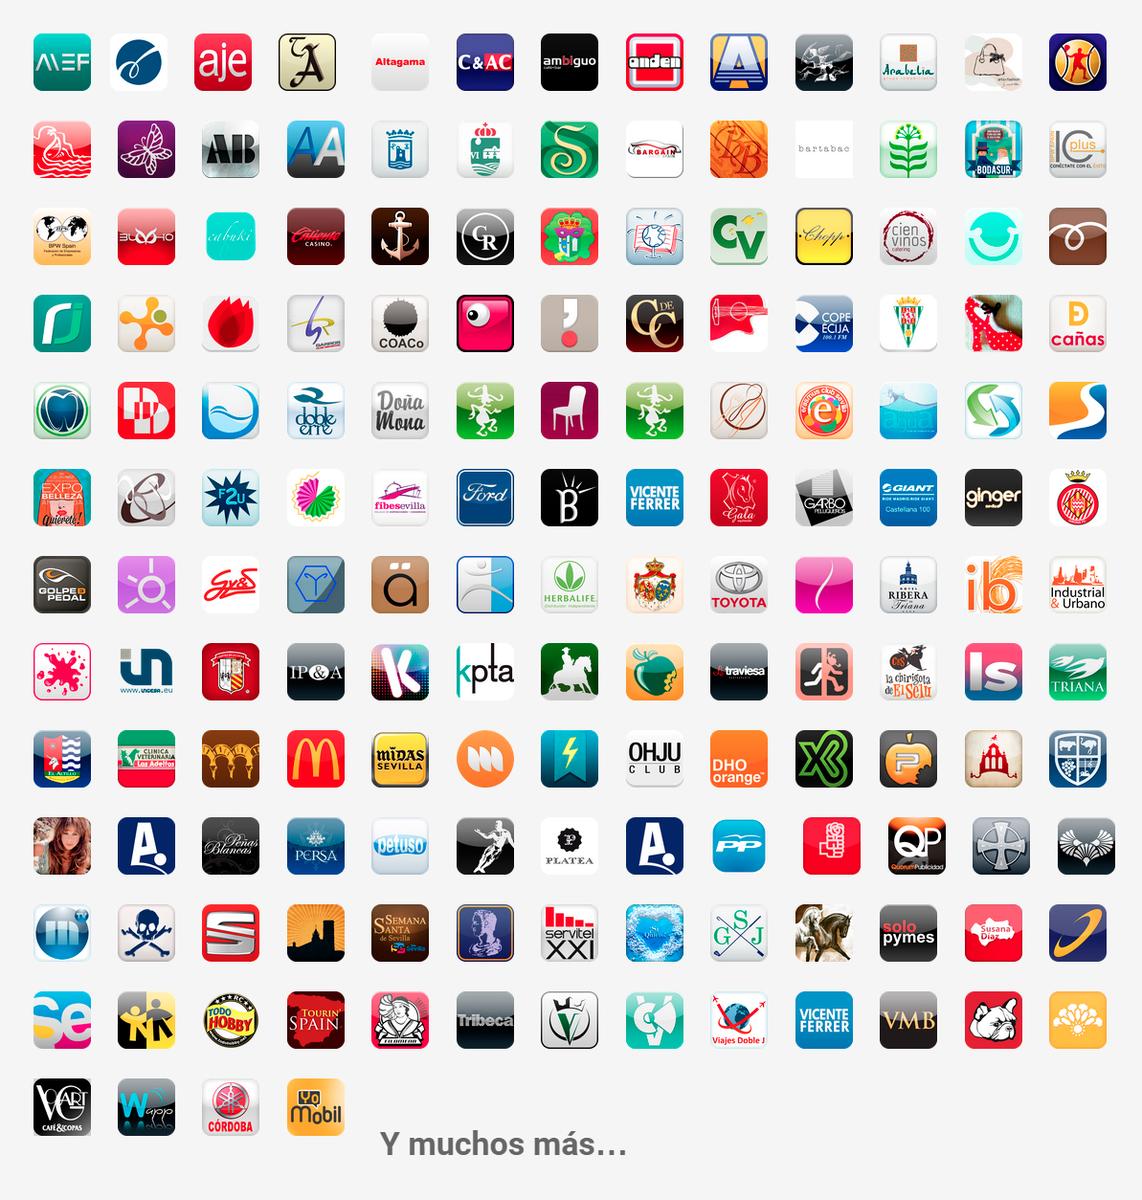 Increíble: la tecnología de @BluumiGlobal está presente en muchísimas apps  #ttools15 #OMG http://t.co/oFuj1iAi87